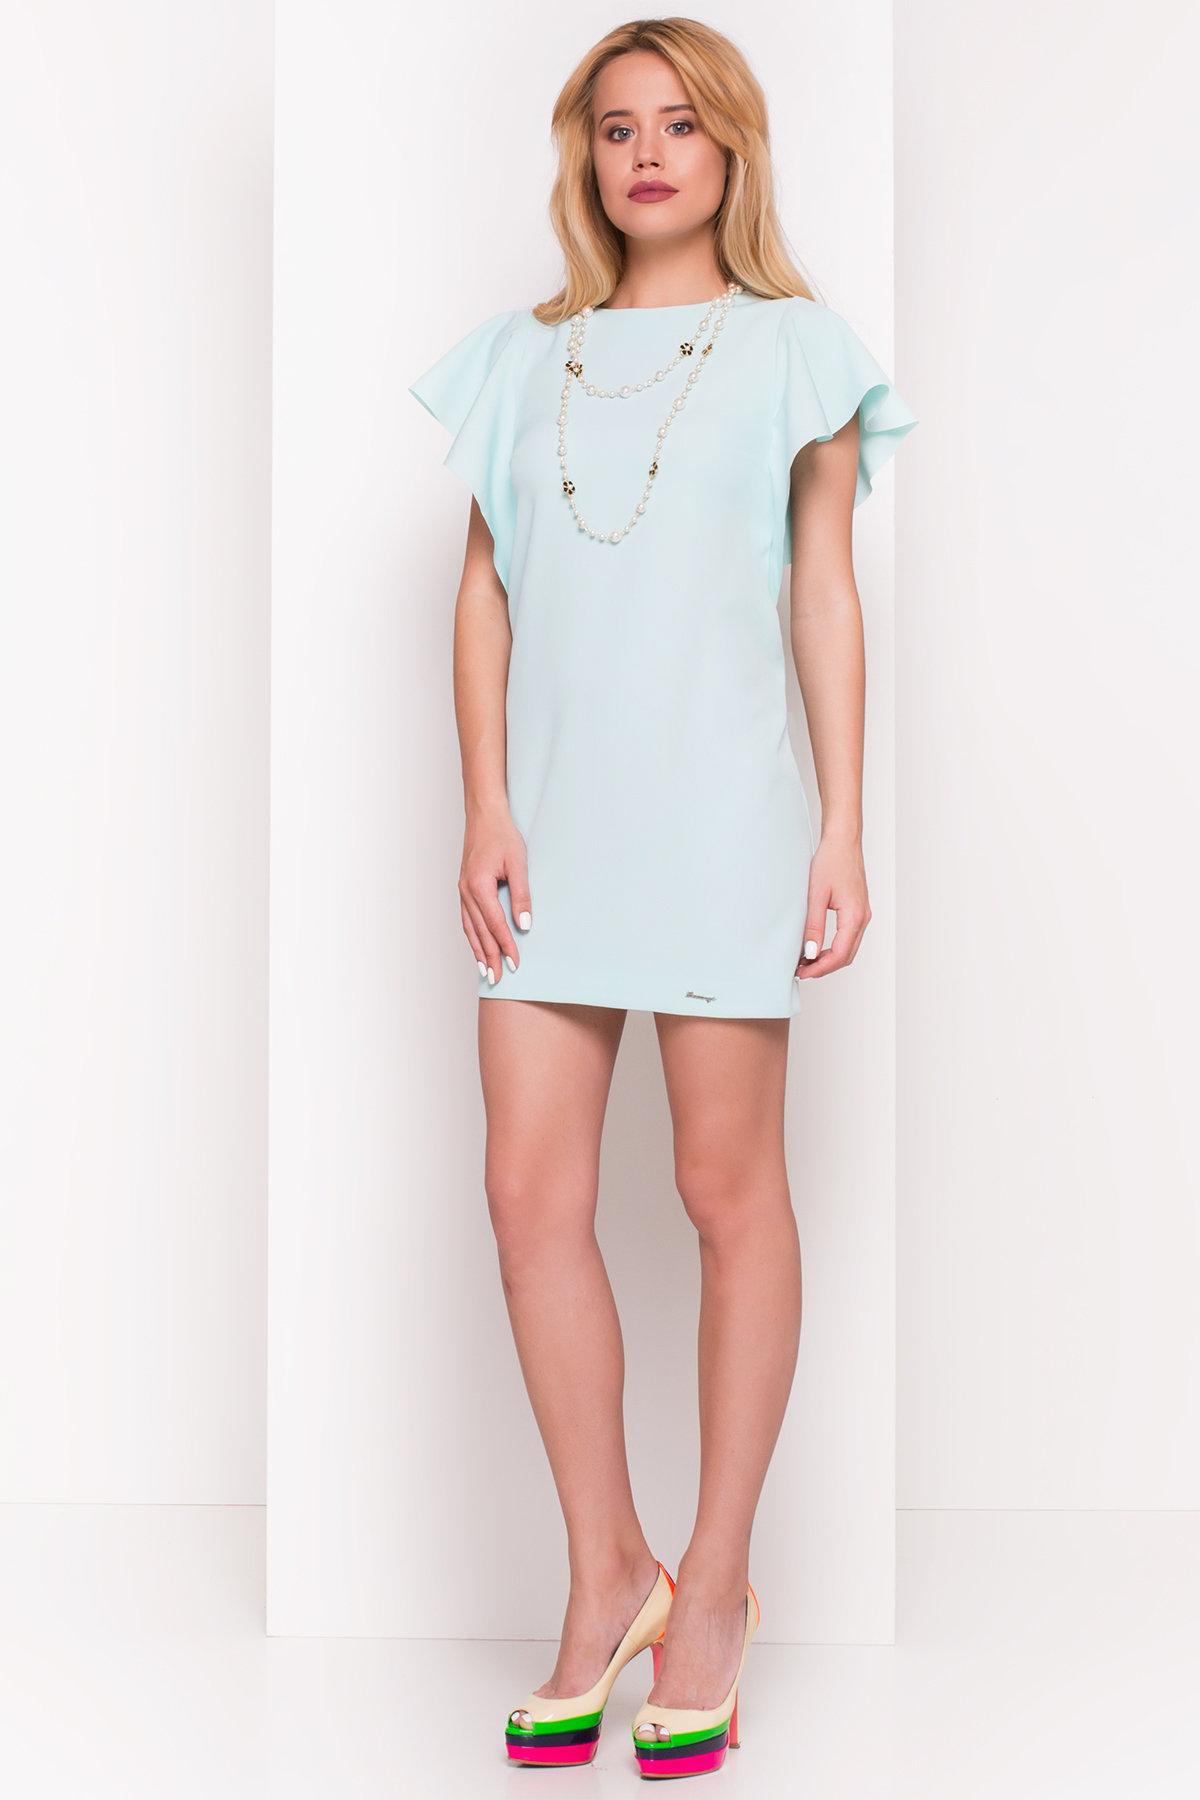 купить платье в Харькове Платье с короткими рукавами летучая мышь Айла  4878